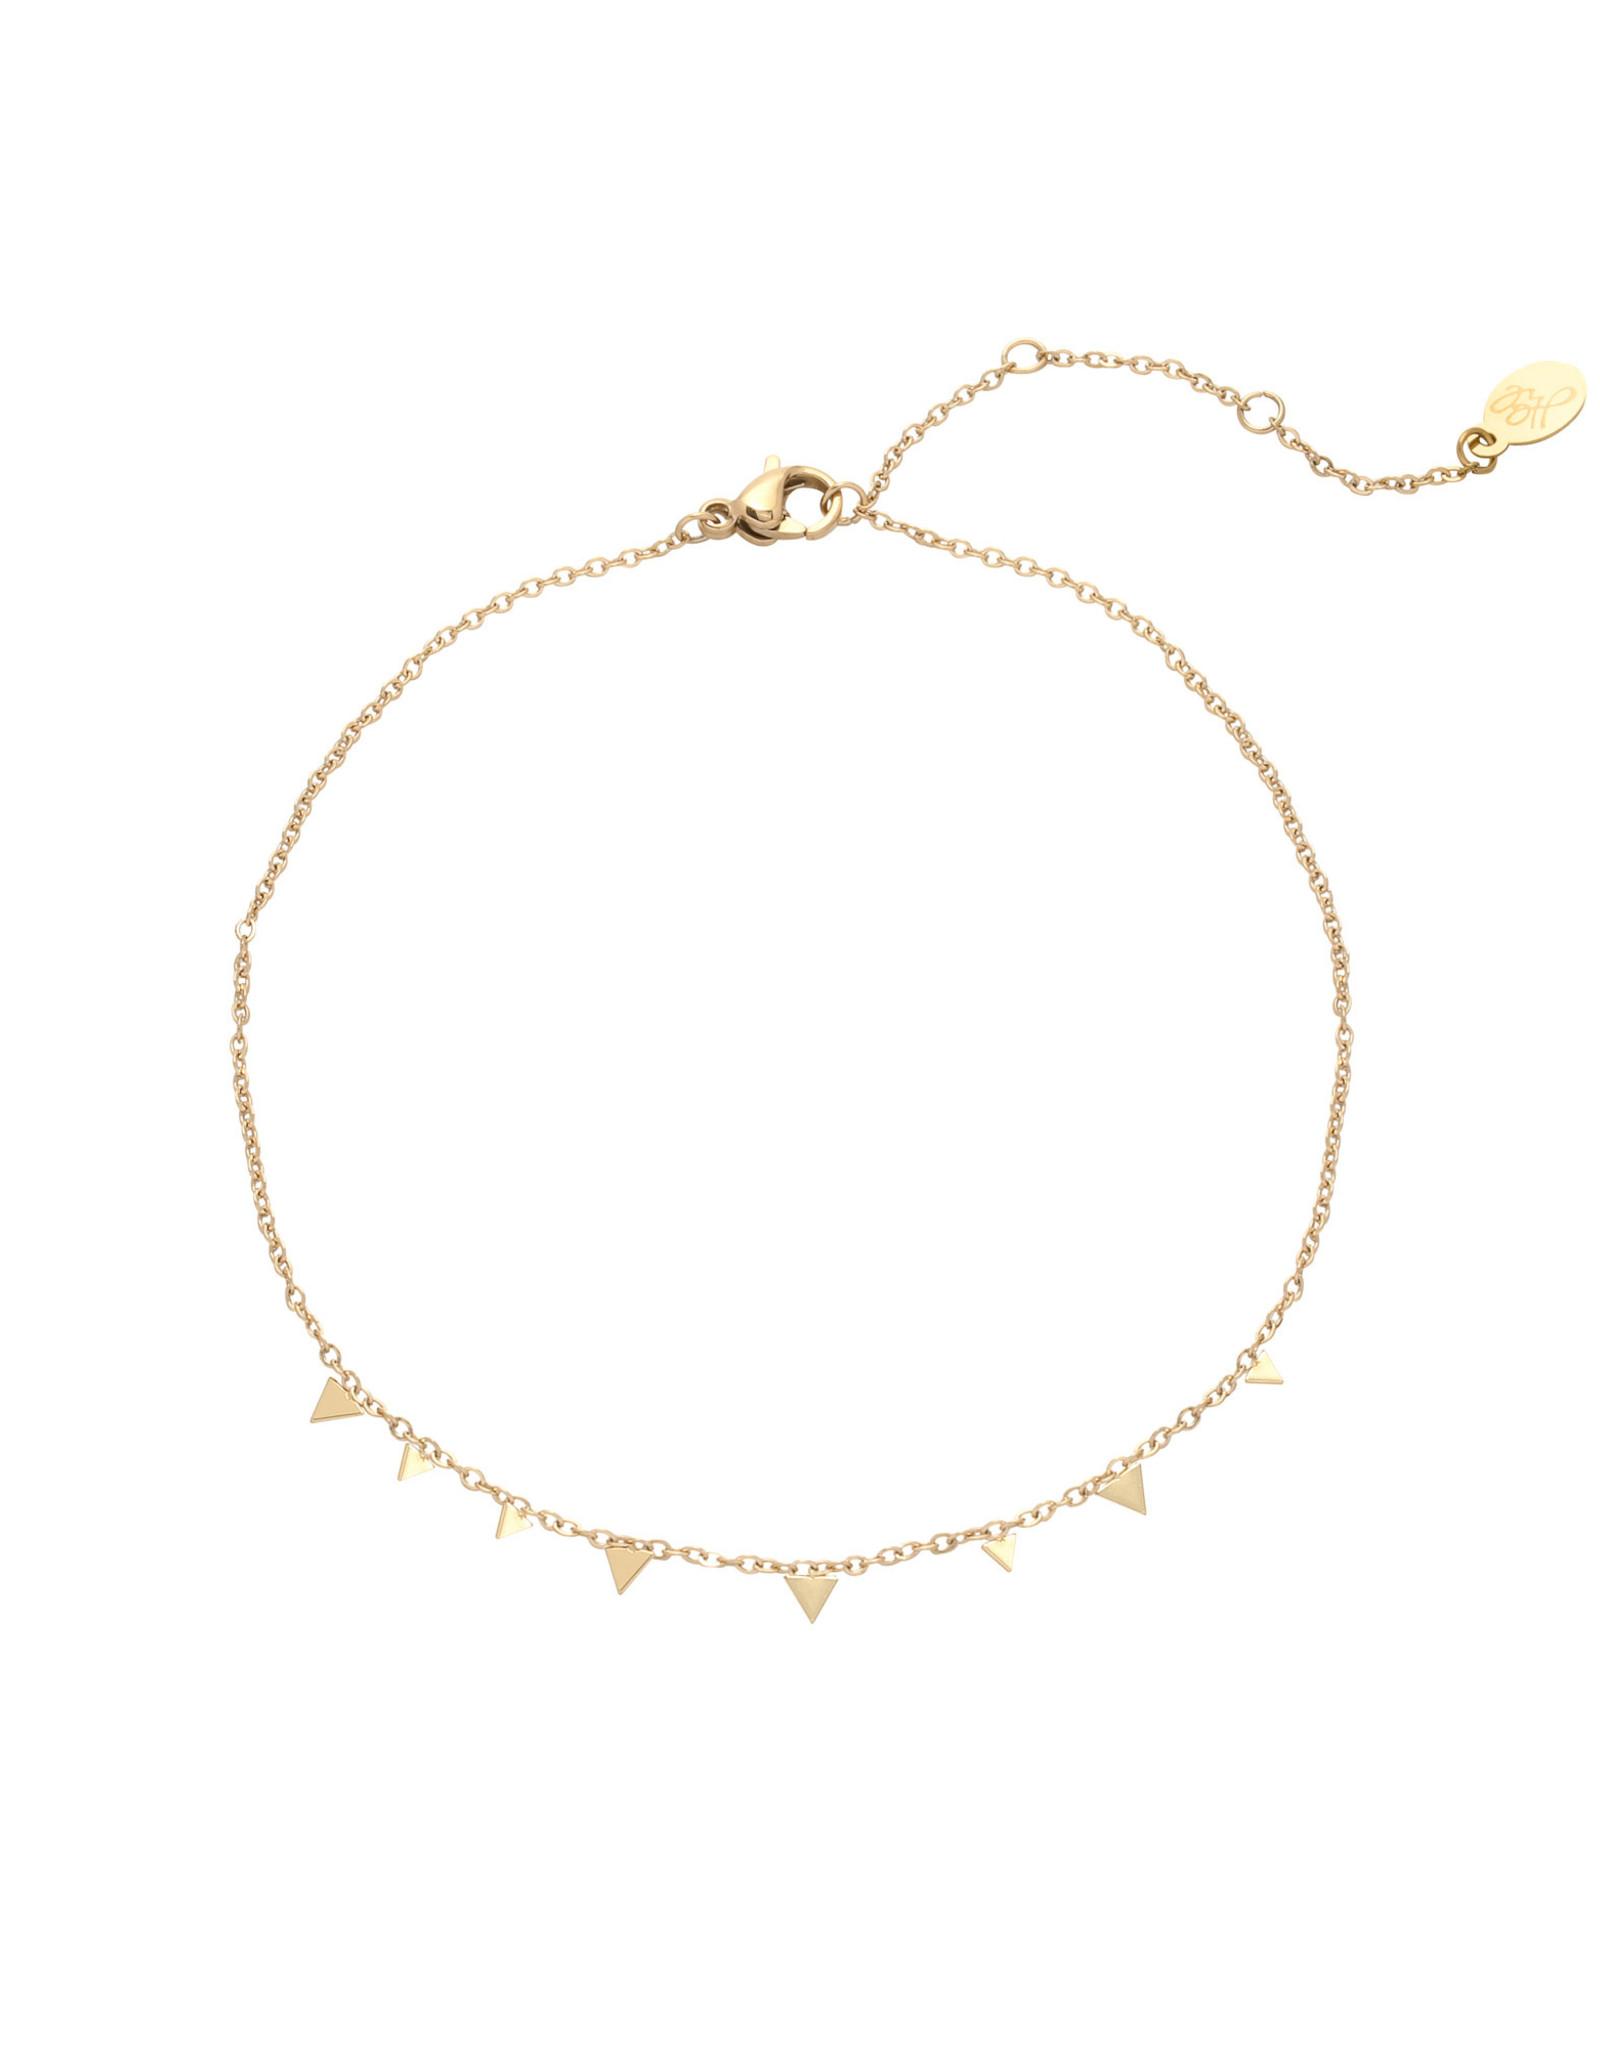 Yehwang Yehwang armband triangle confetti gold